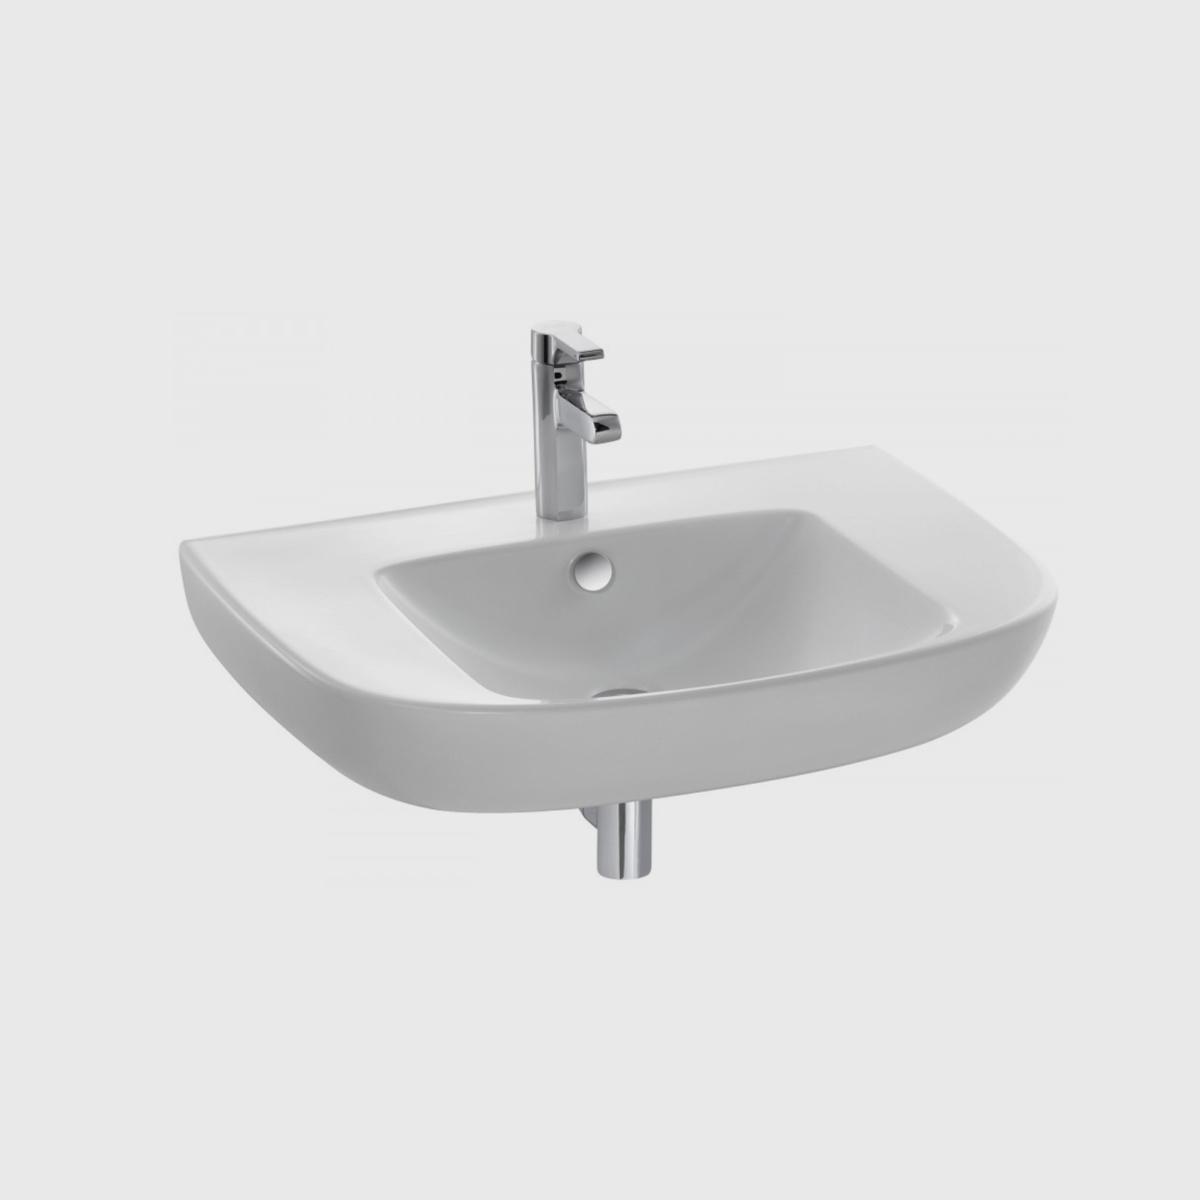 Lavabo Personne Mobilité Réduite lavabo pmr odéon up - luciani materiaux